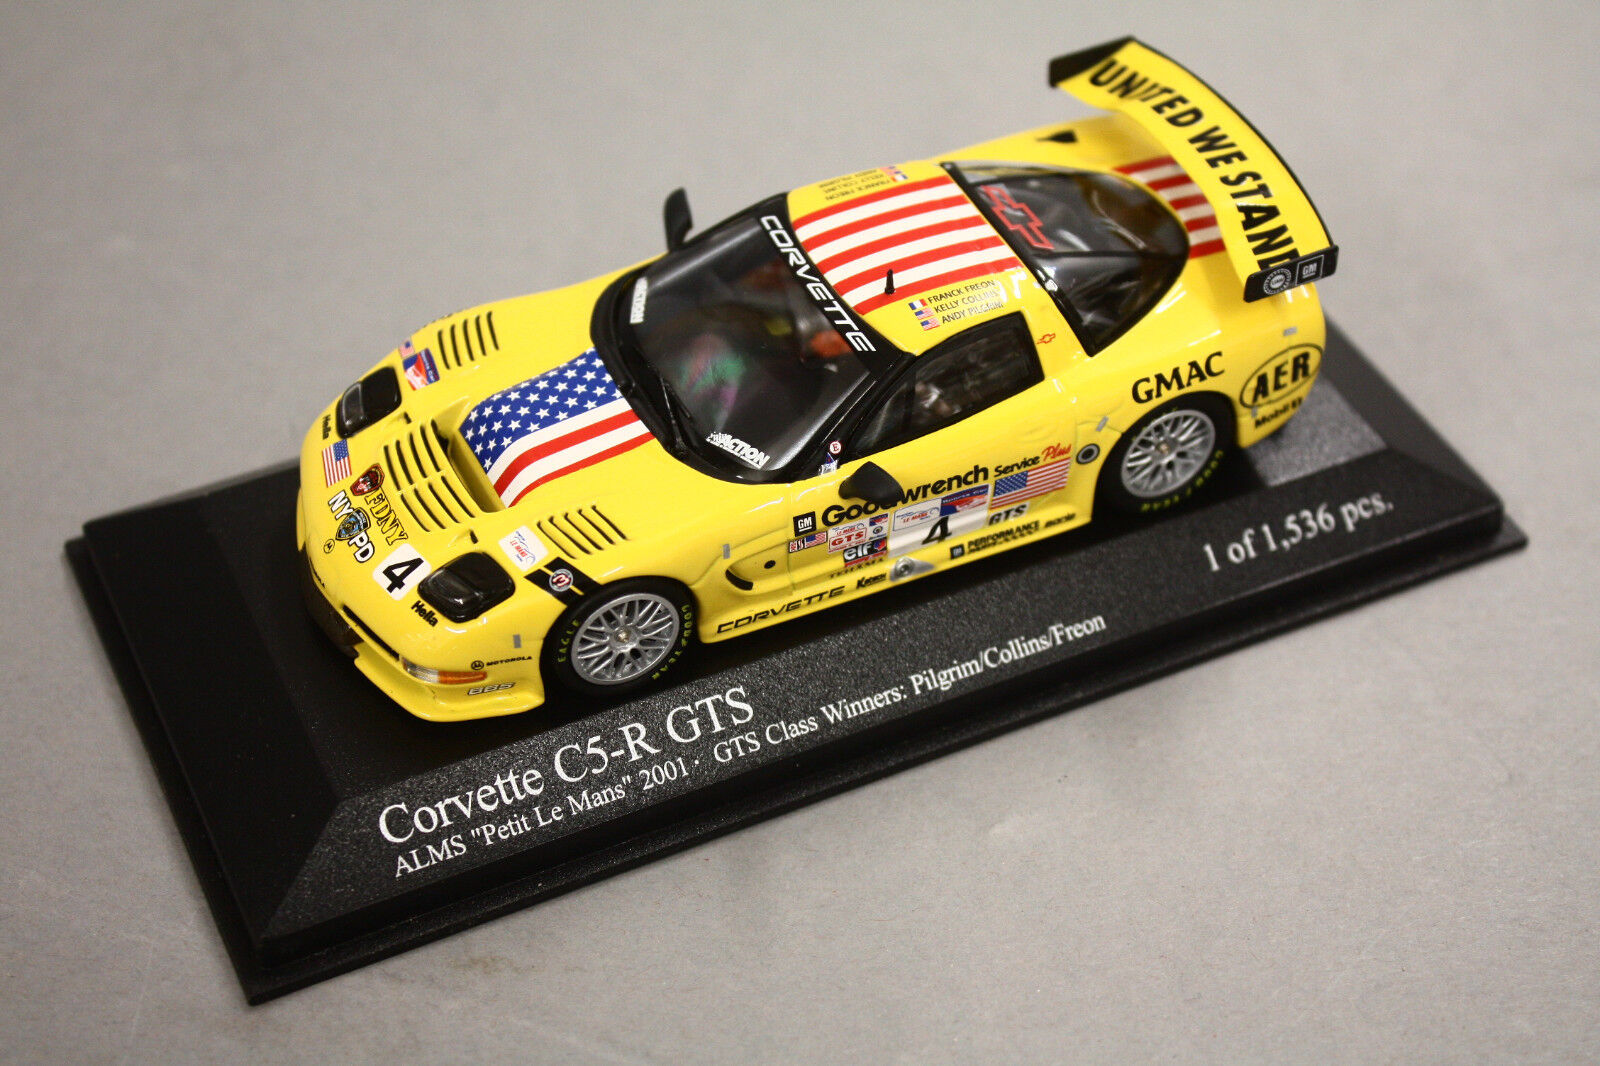 Stars and Stripes Corvette C5-R GTS  4 ALMS Petit LeMans 2001 1 43 Minichamps  | Nutzen Sie Materialien voll aus